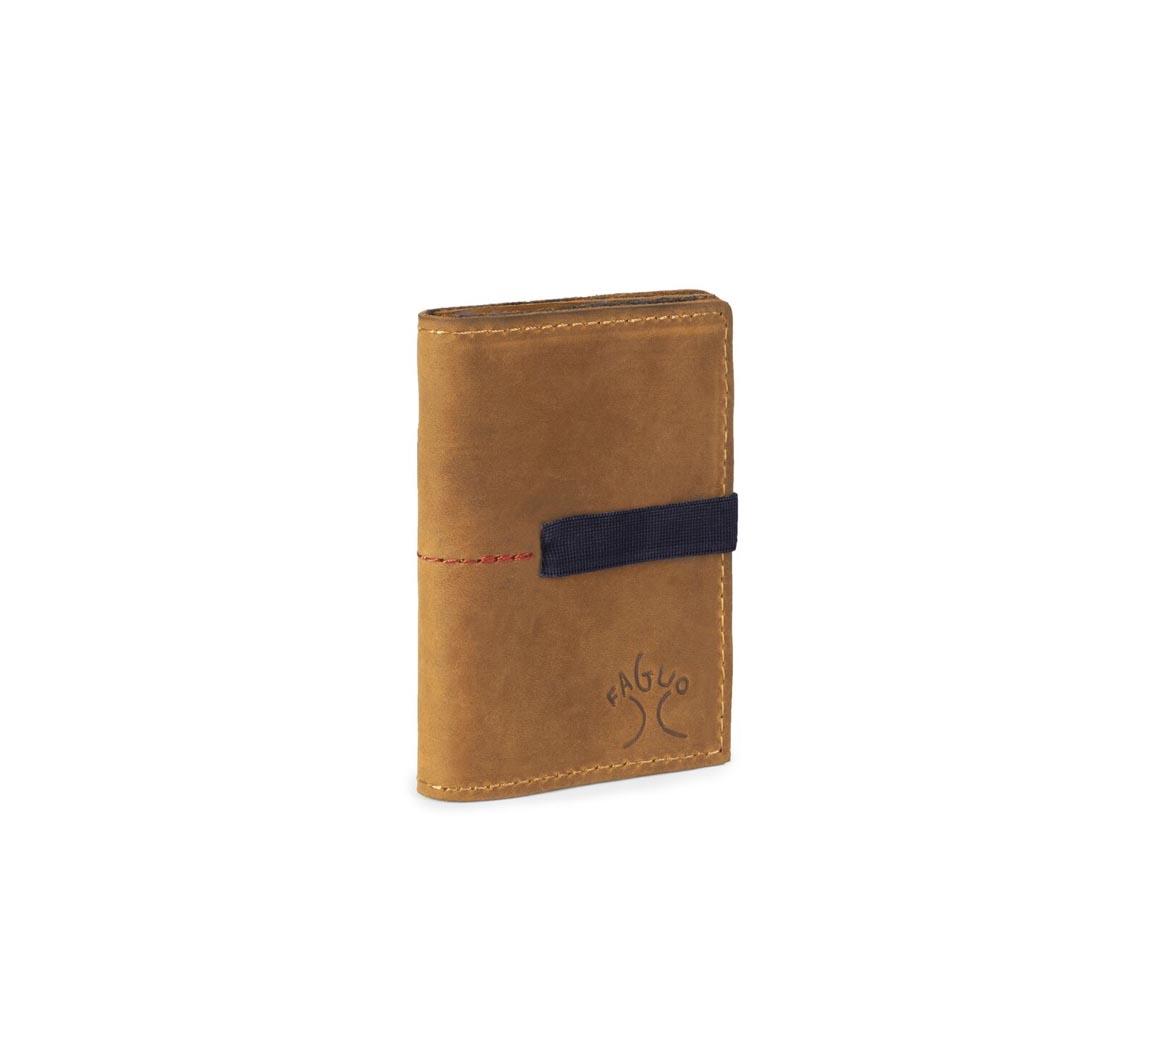 Porte carte faguo homme Wallet 365 Wallet 365 E